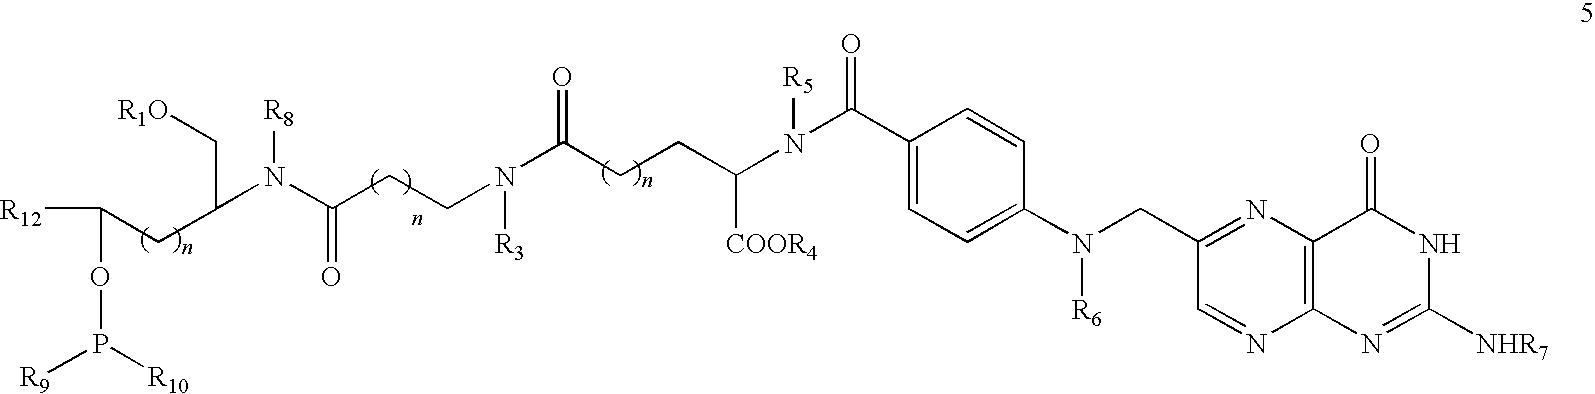 Figure US07833992-20101116-C00009